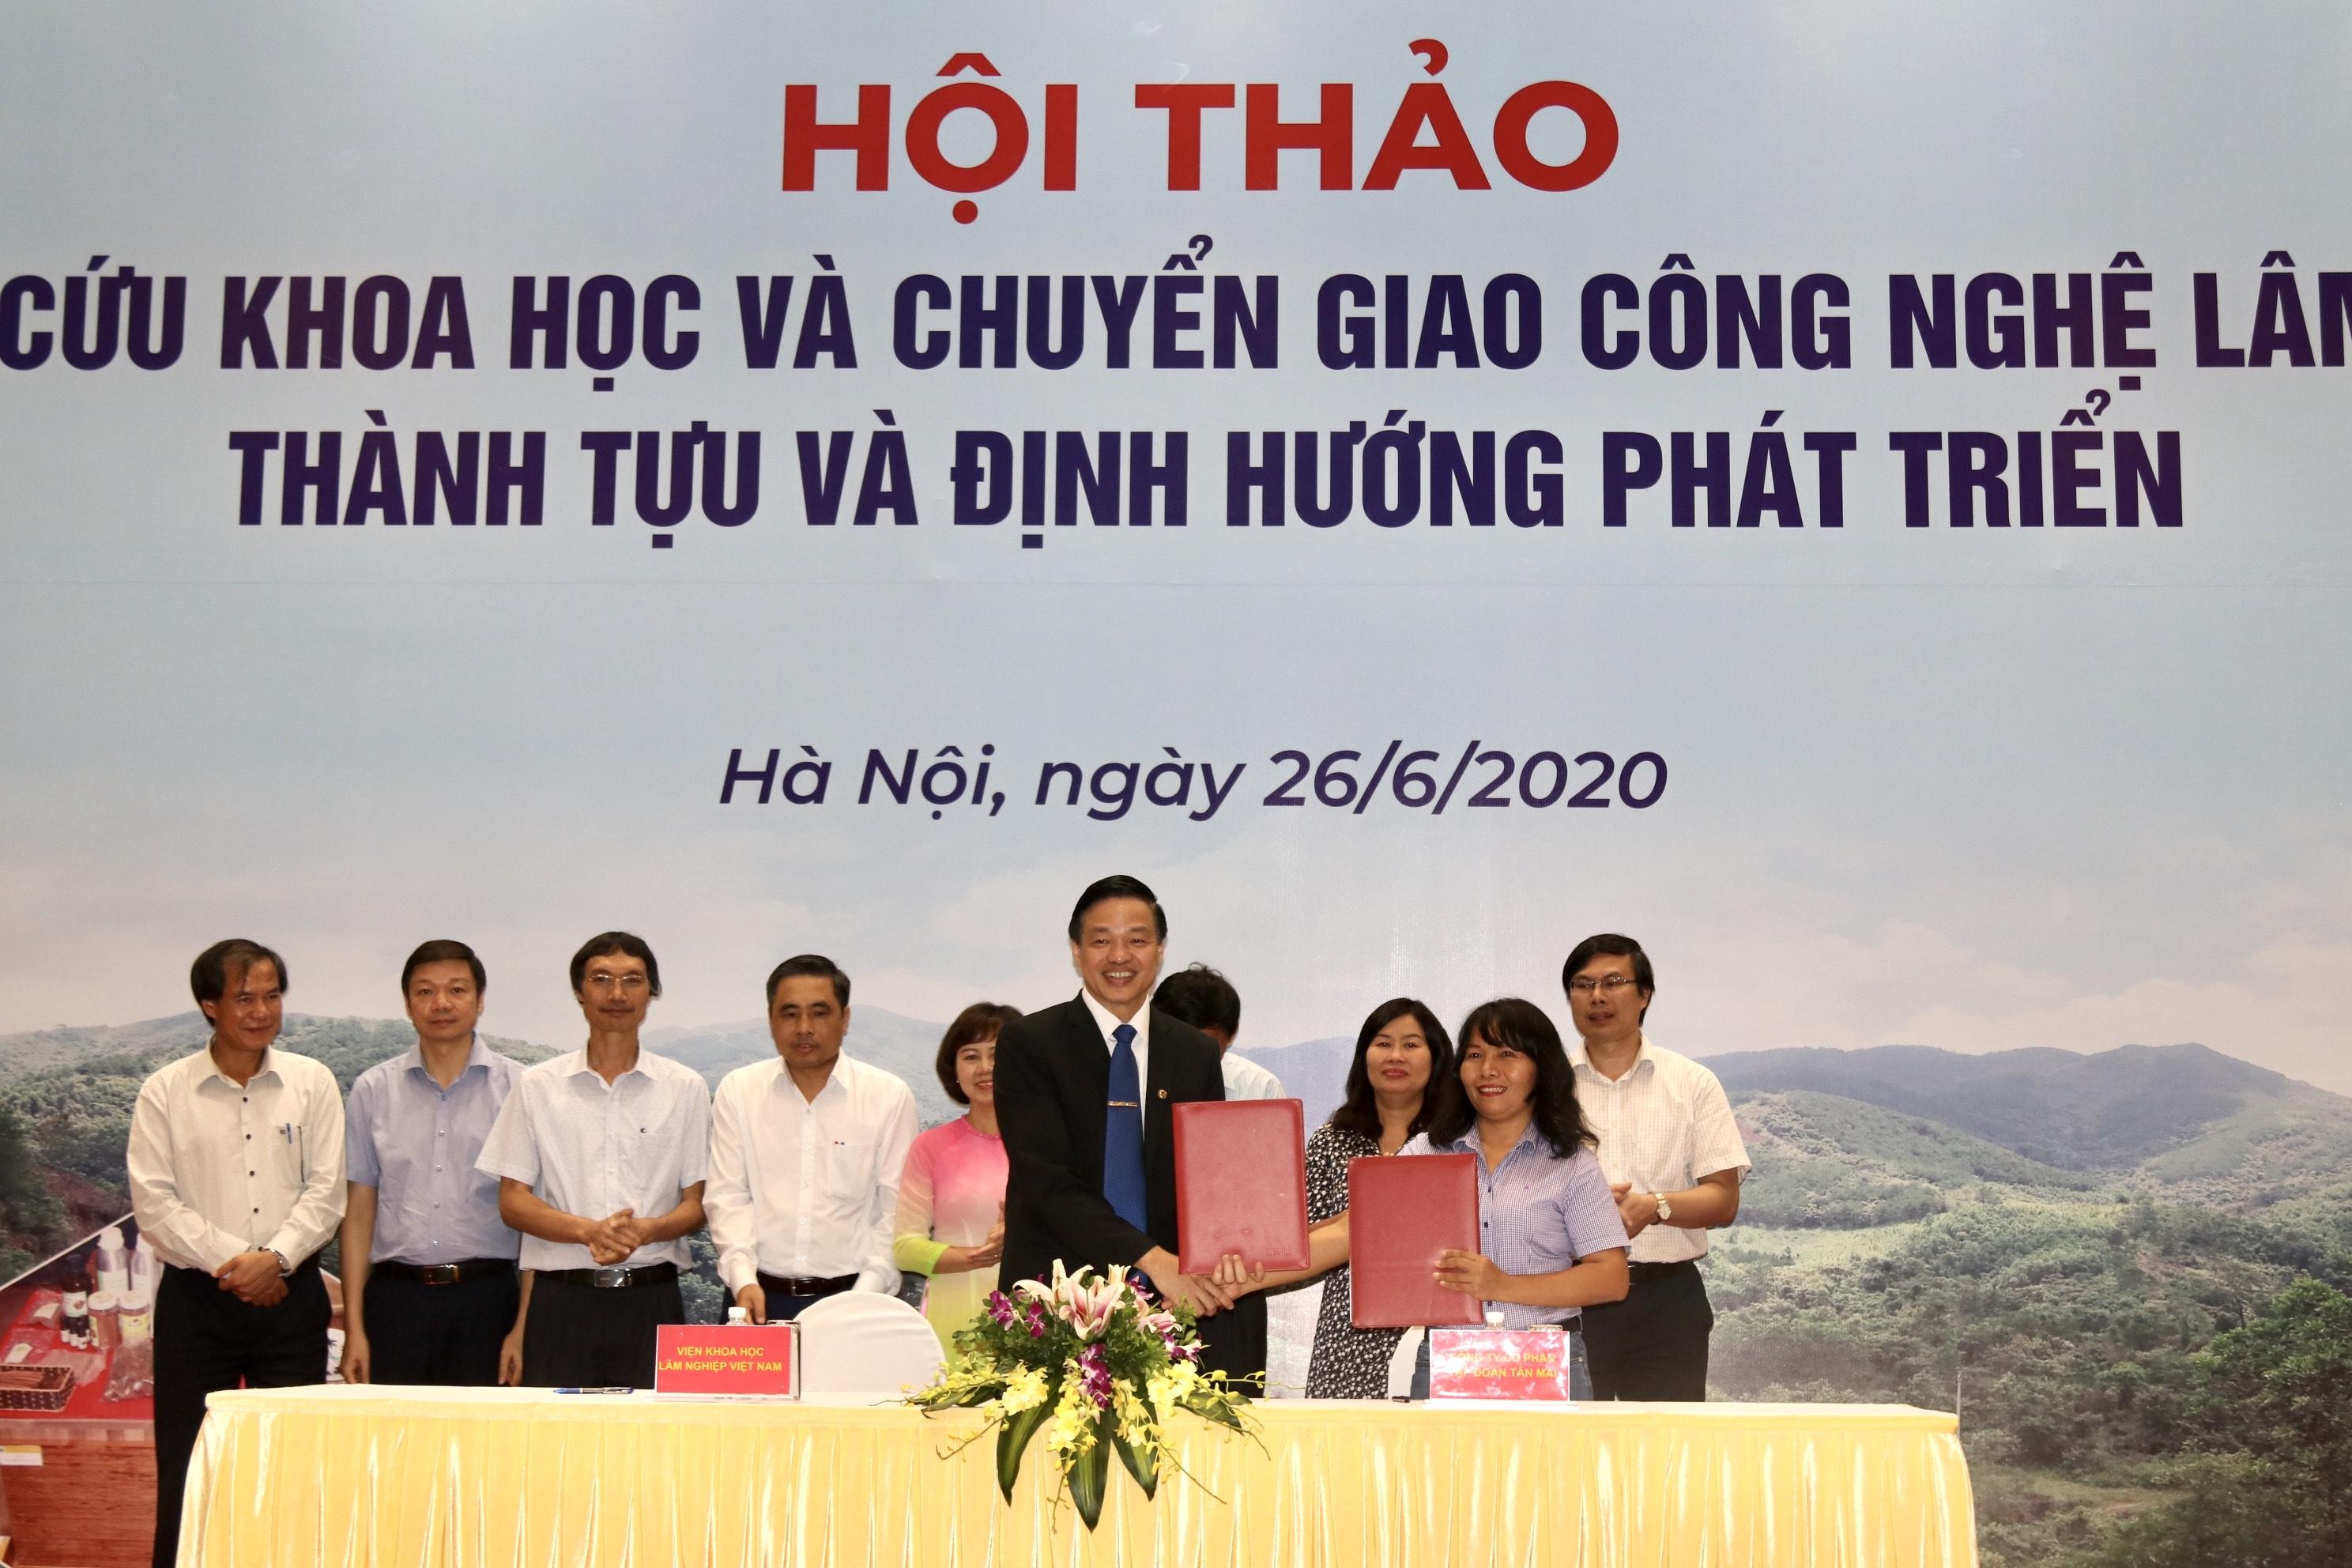 Viên Khoa học Công nghệ Việt Nam đã ký kết hợp tác với Tập đoàn Tân Mai để nghiên cứu khoa học và chuyển giao công nghệ lâm nghiệp.